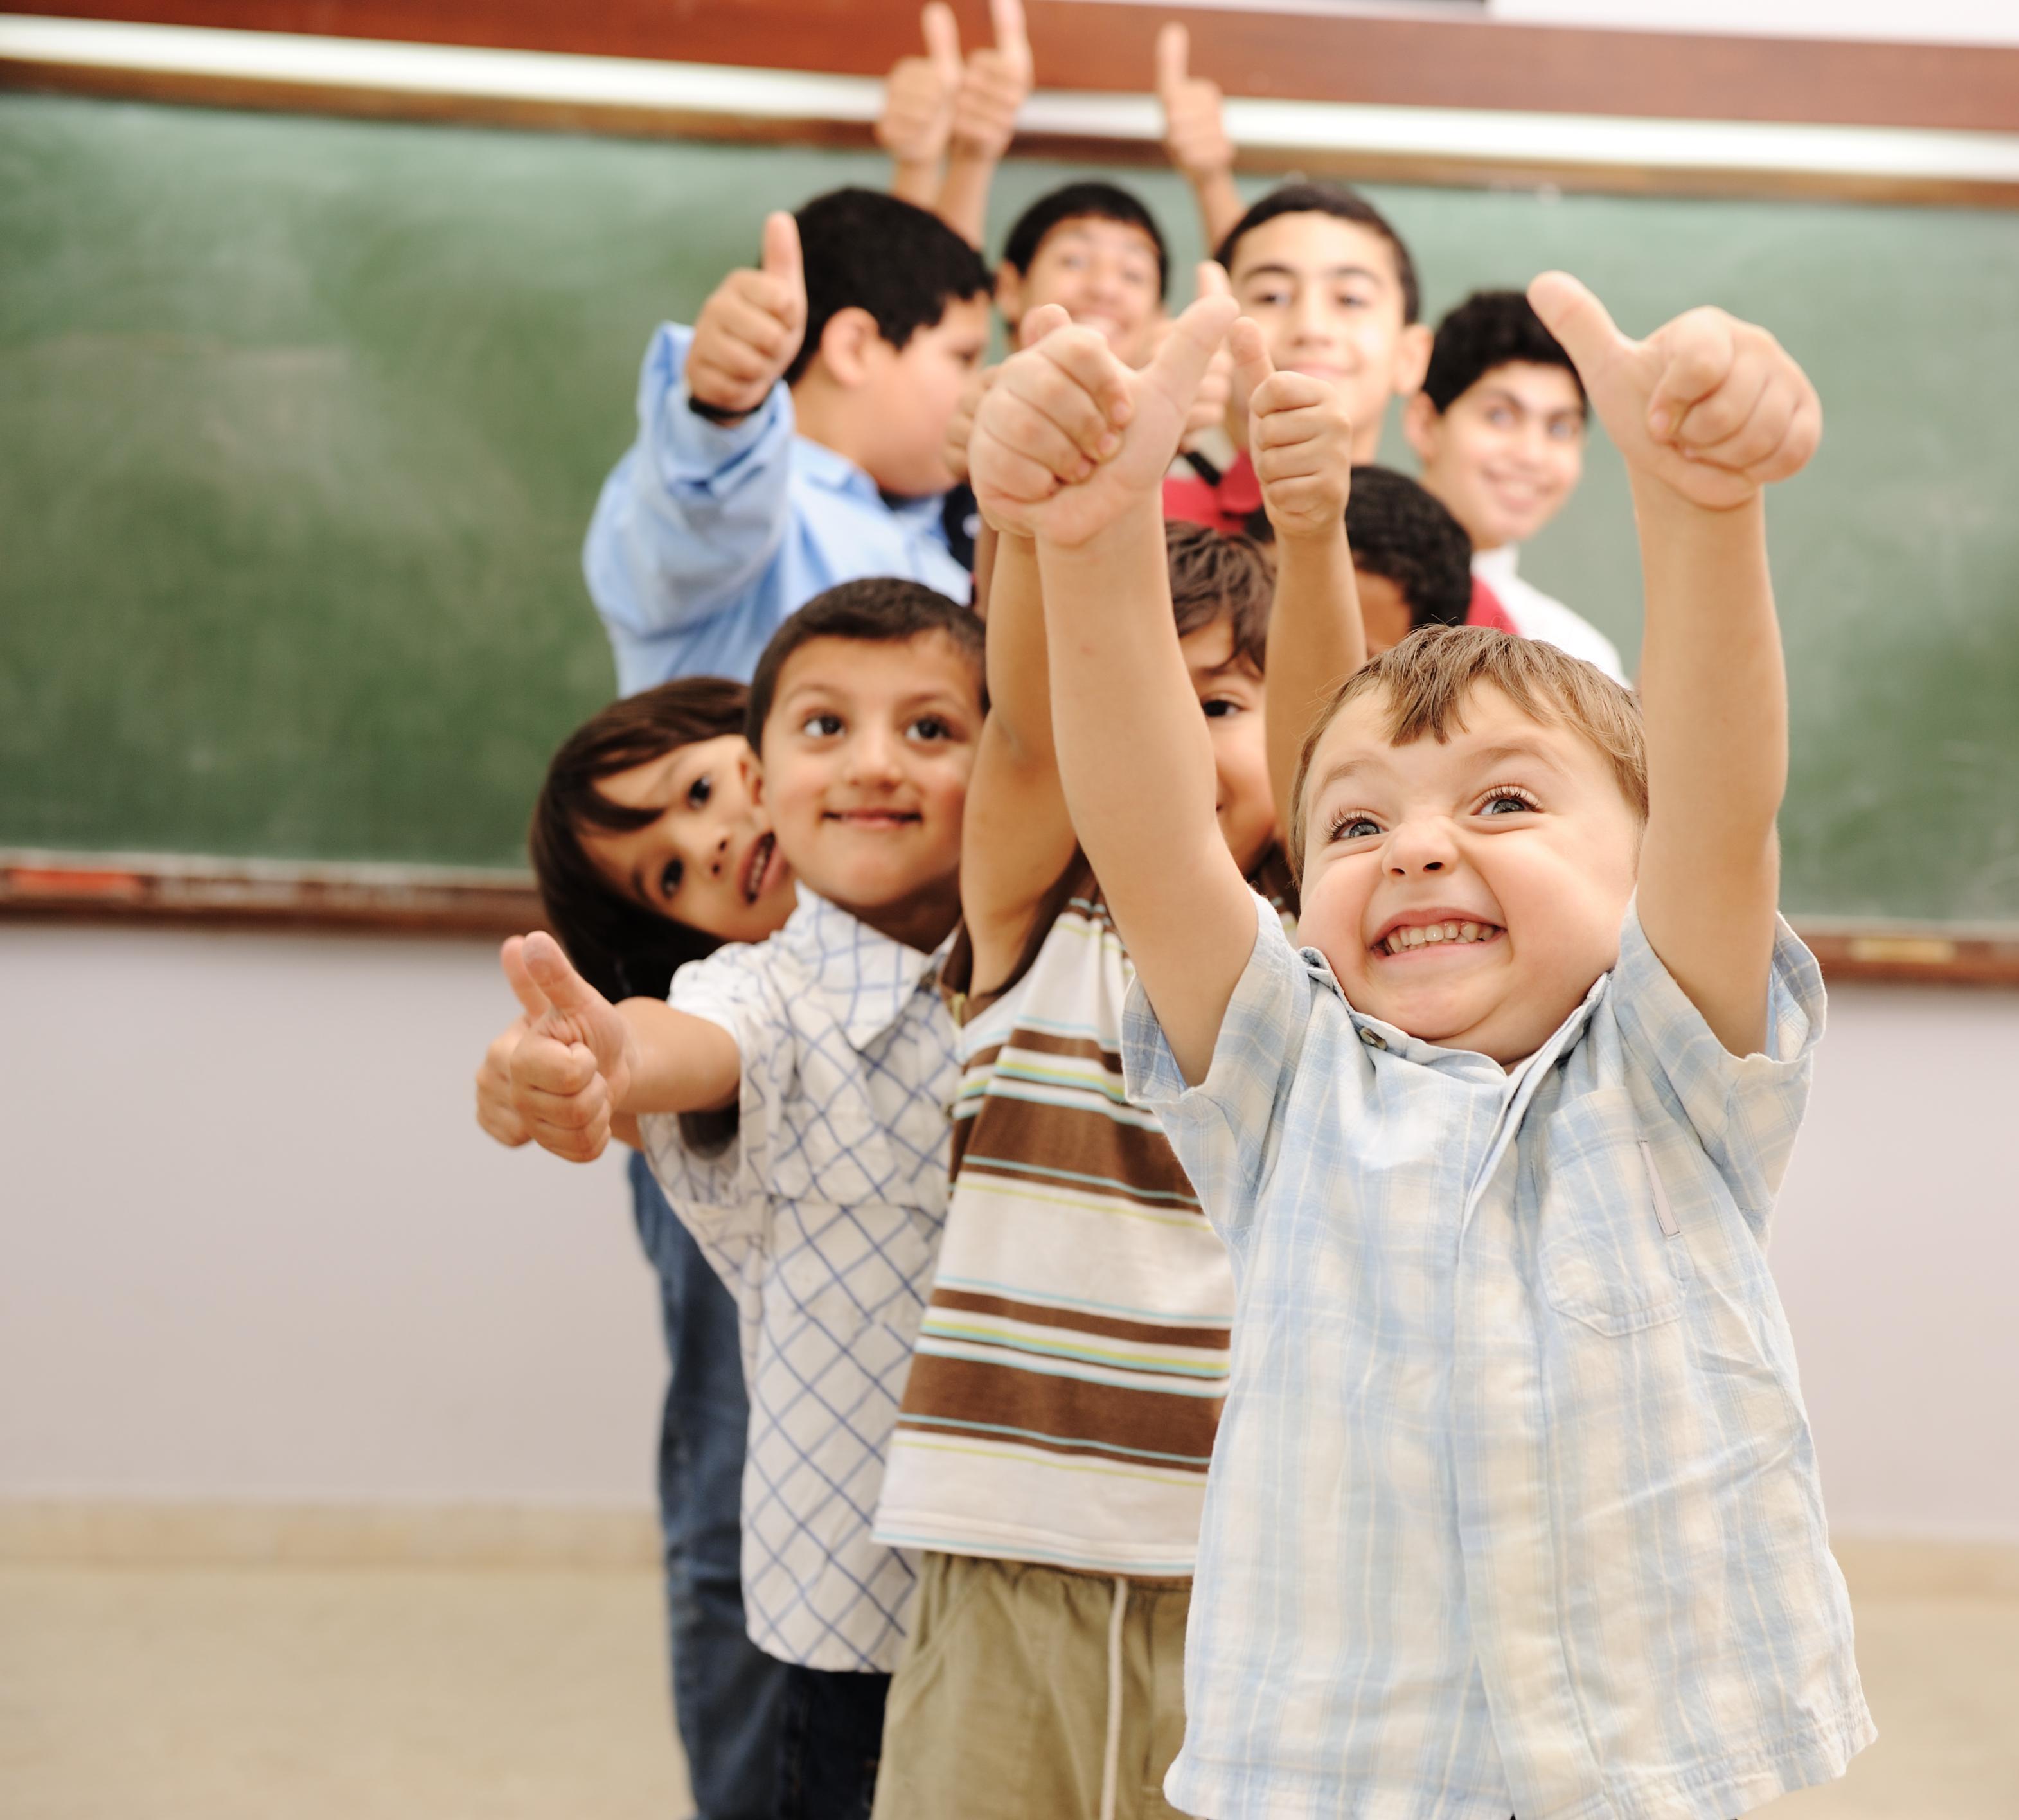 Обнародован список самых лучших школ мира